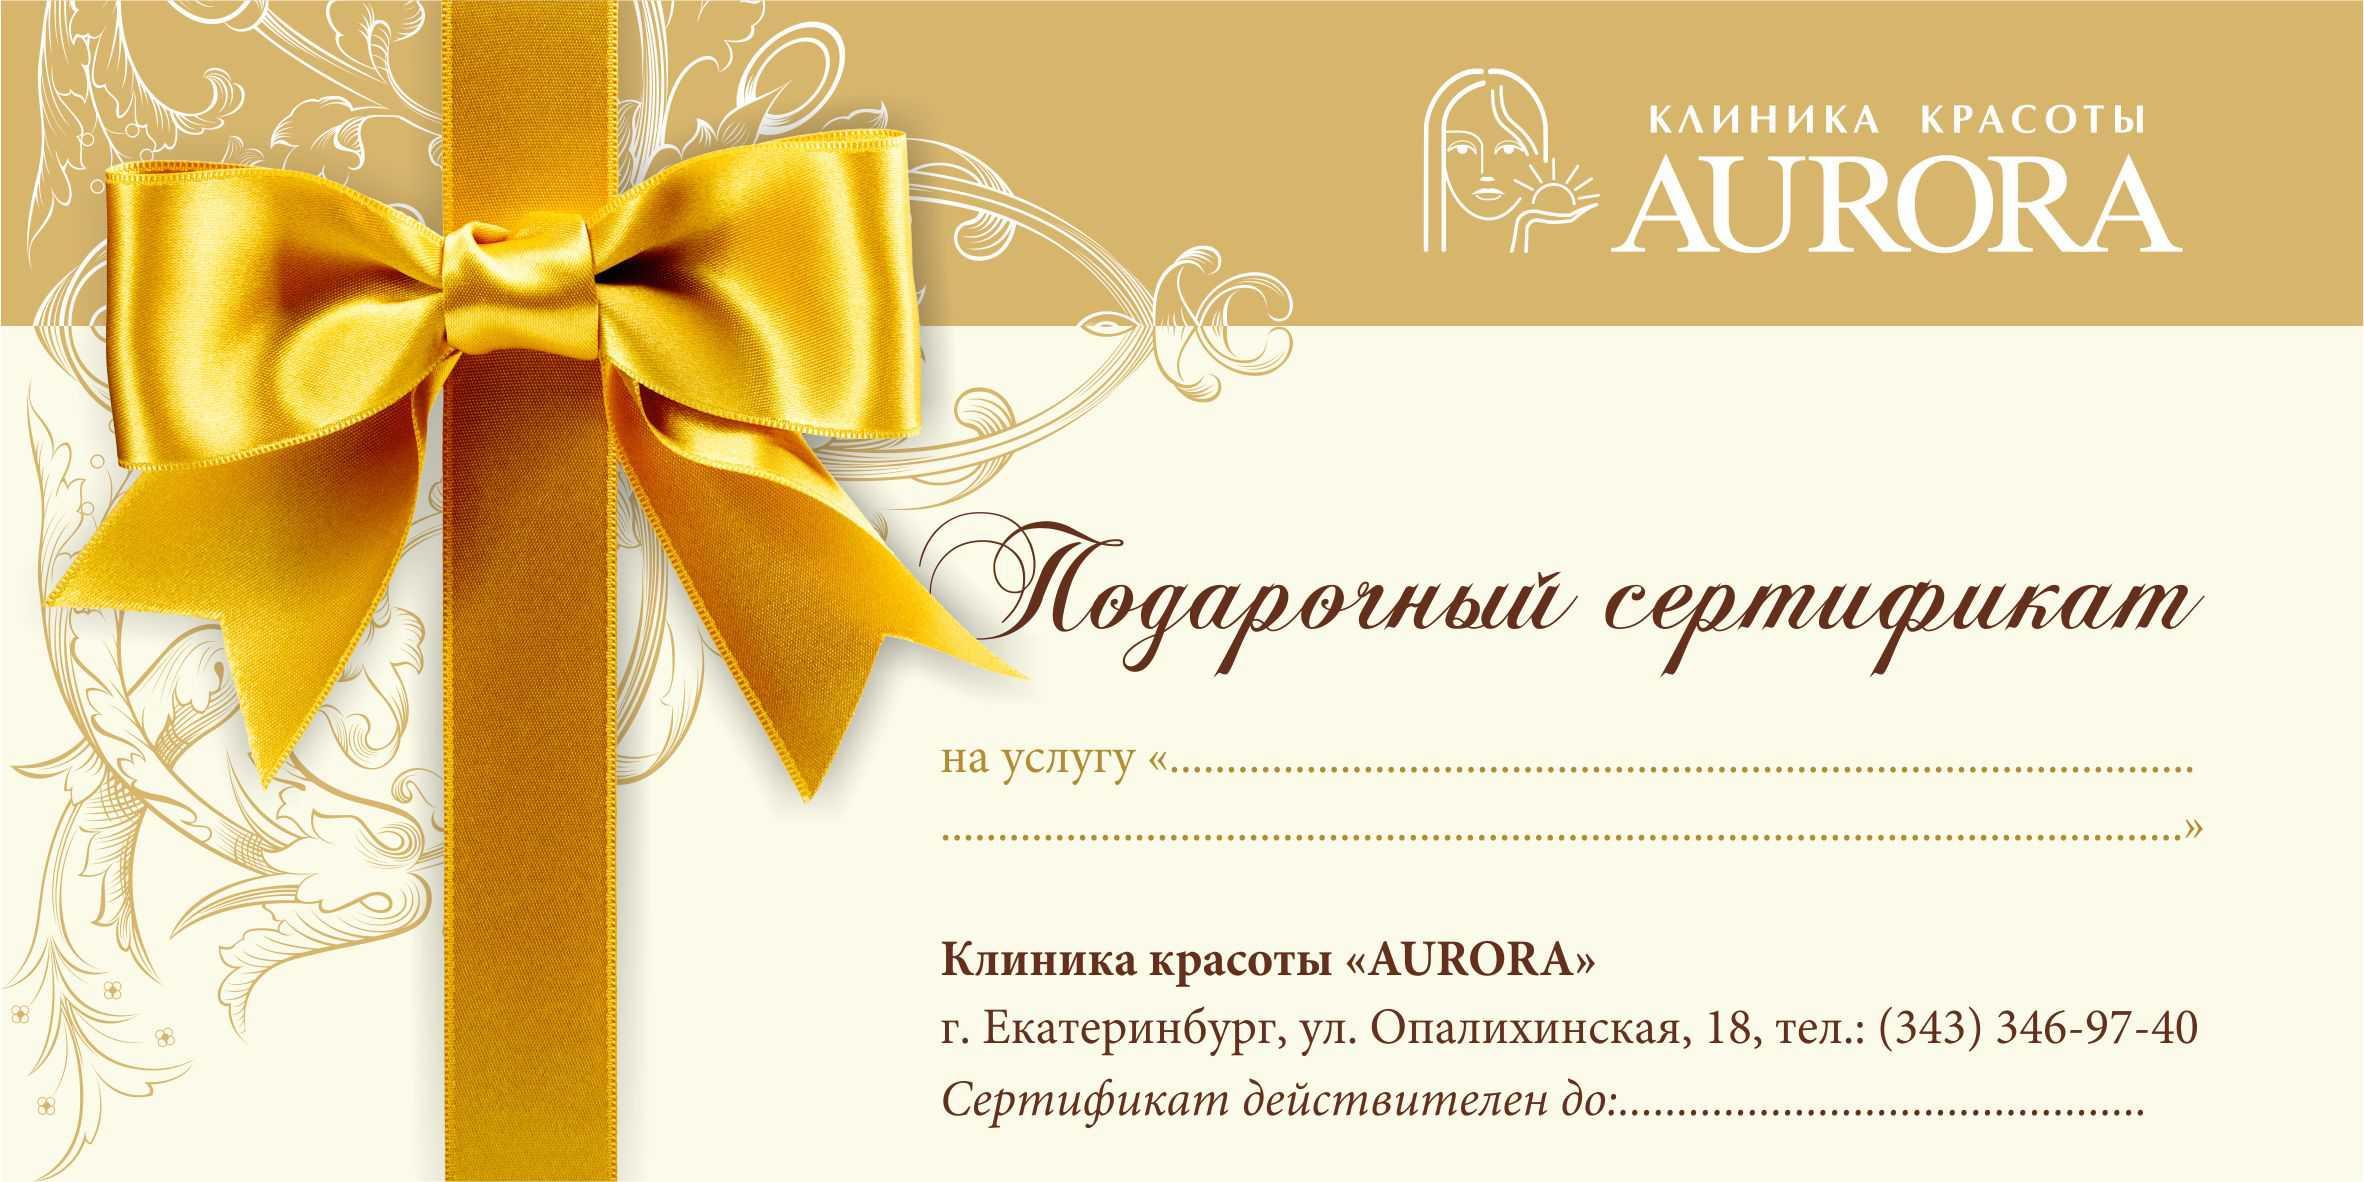 podarochnyy_sertifikat_2